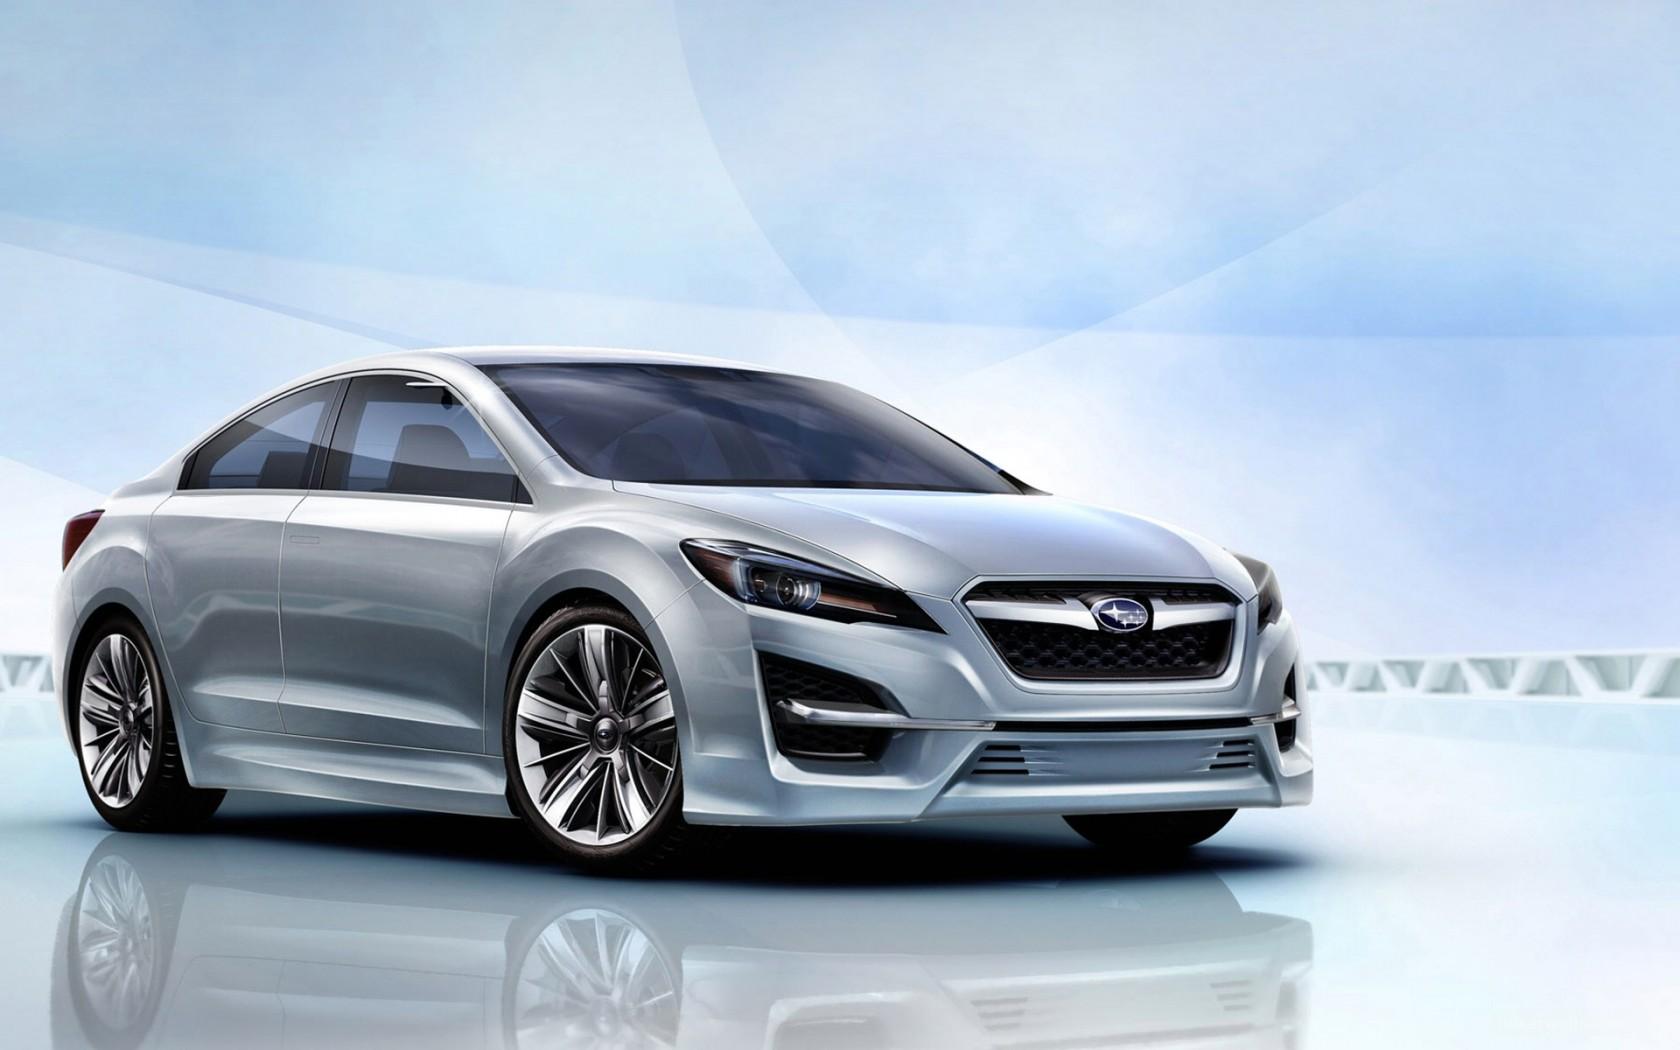 Subaru Impreza Concept Car Wallpaper | HD Car Wallpapers ...